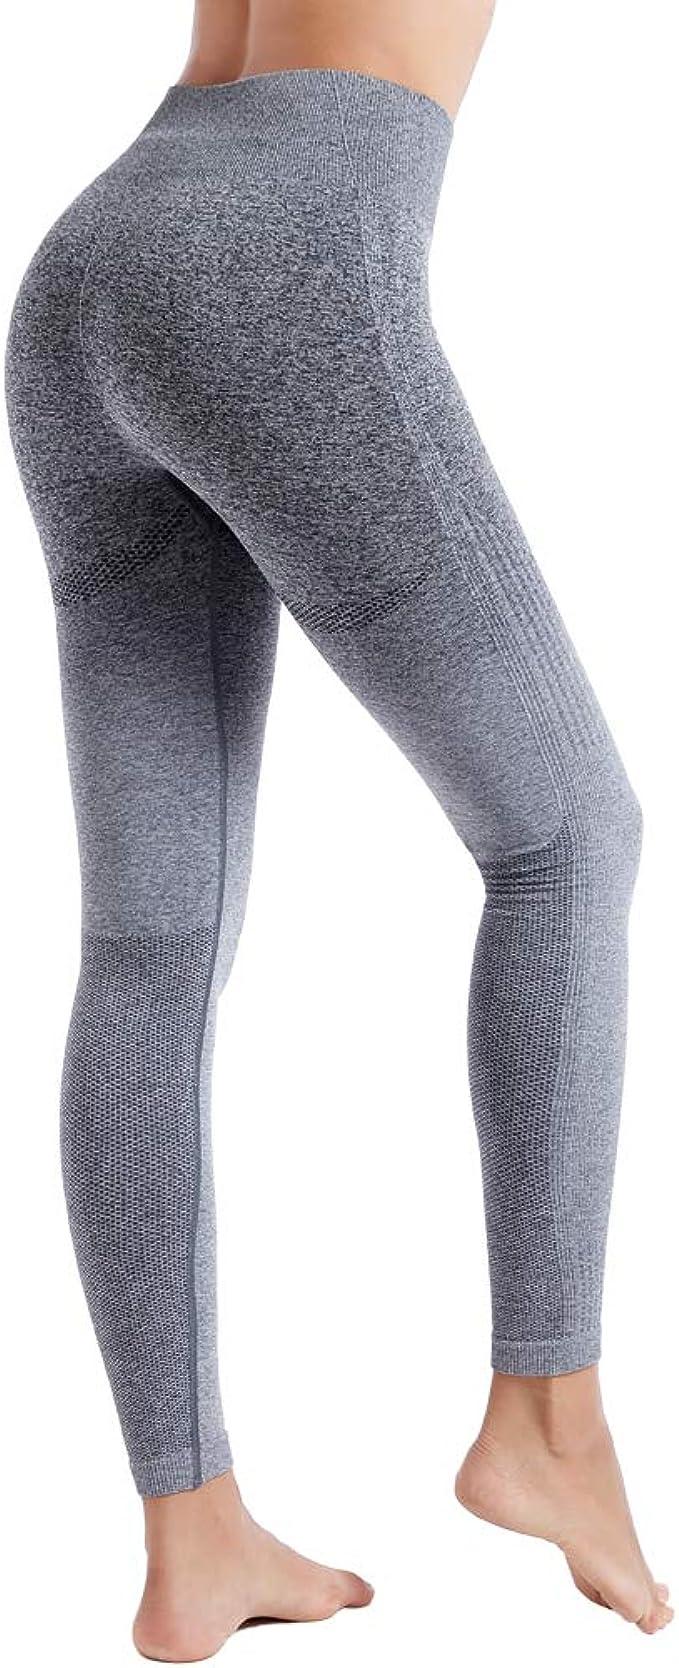 Amazon.com: Aoxjox - Pantalones de yoga para mujer de talle ...